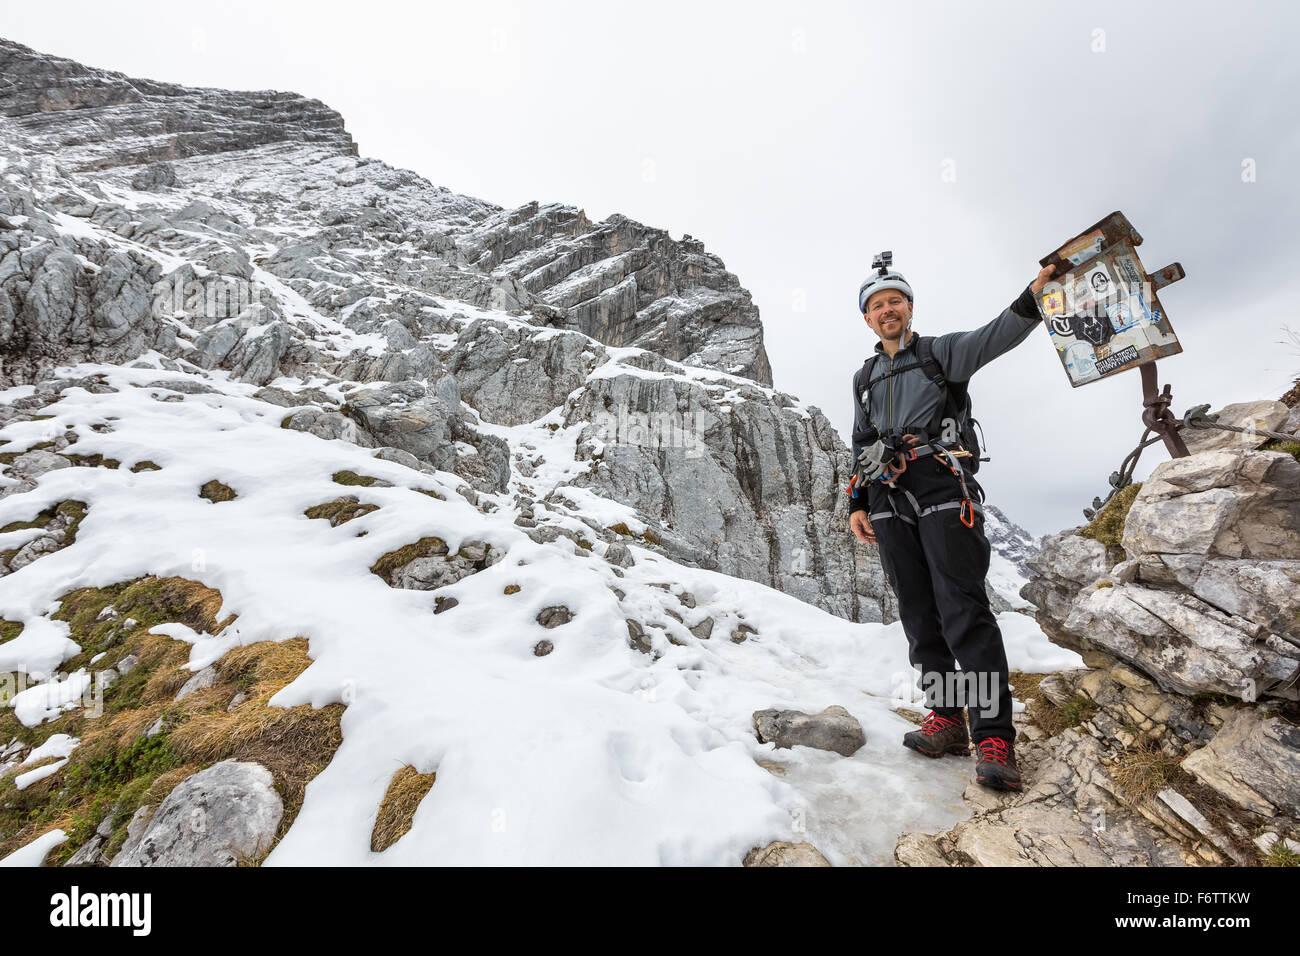 Klettersteig Alpspitze : Auf alpspitze klettersteig garmisch partenkirchen deutschland